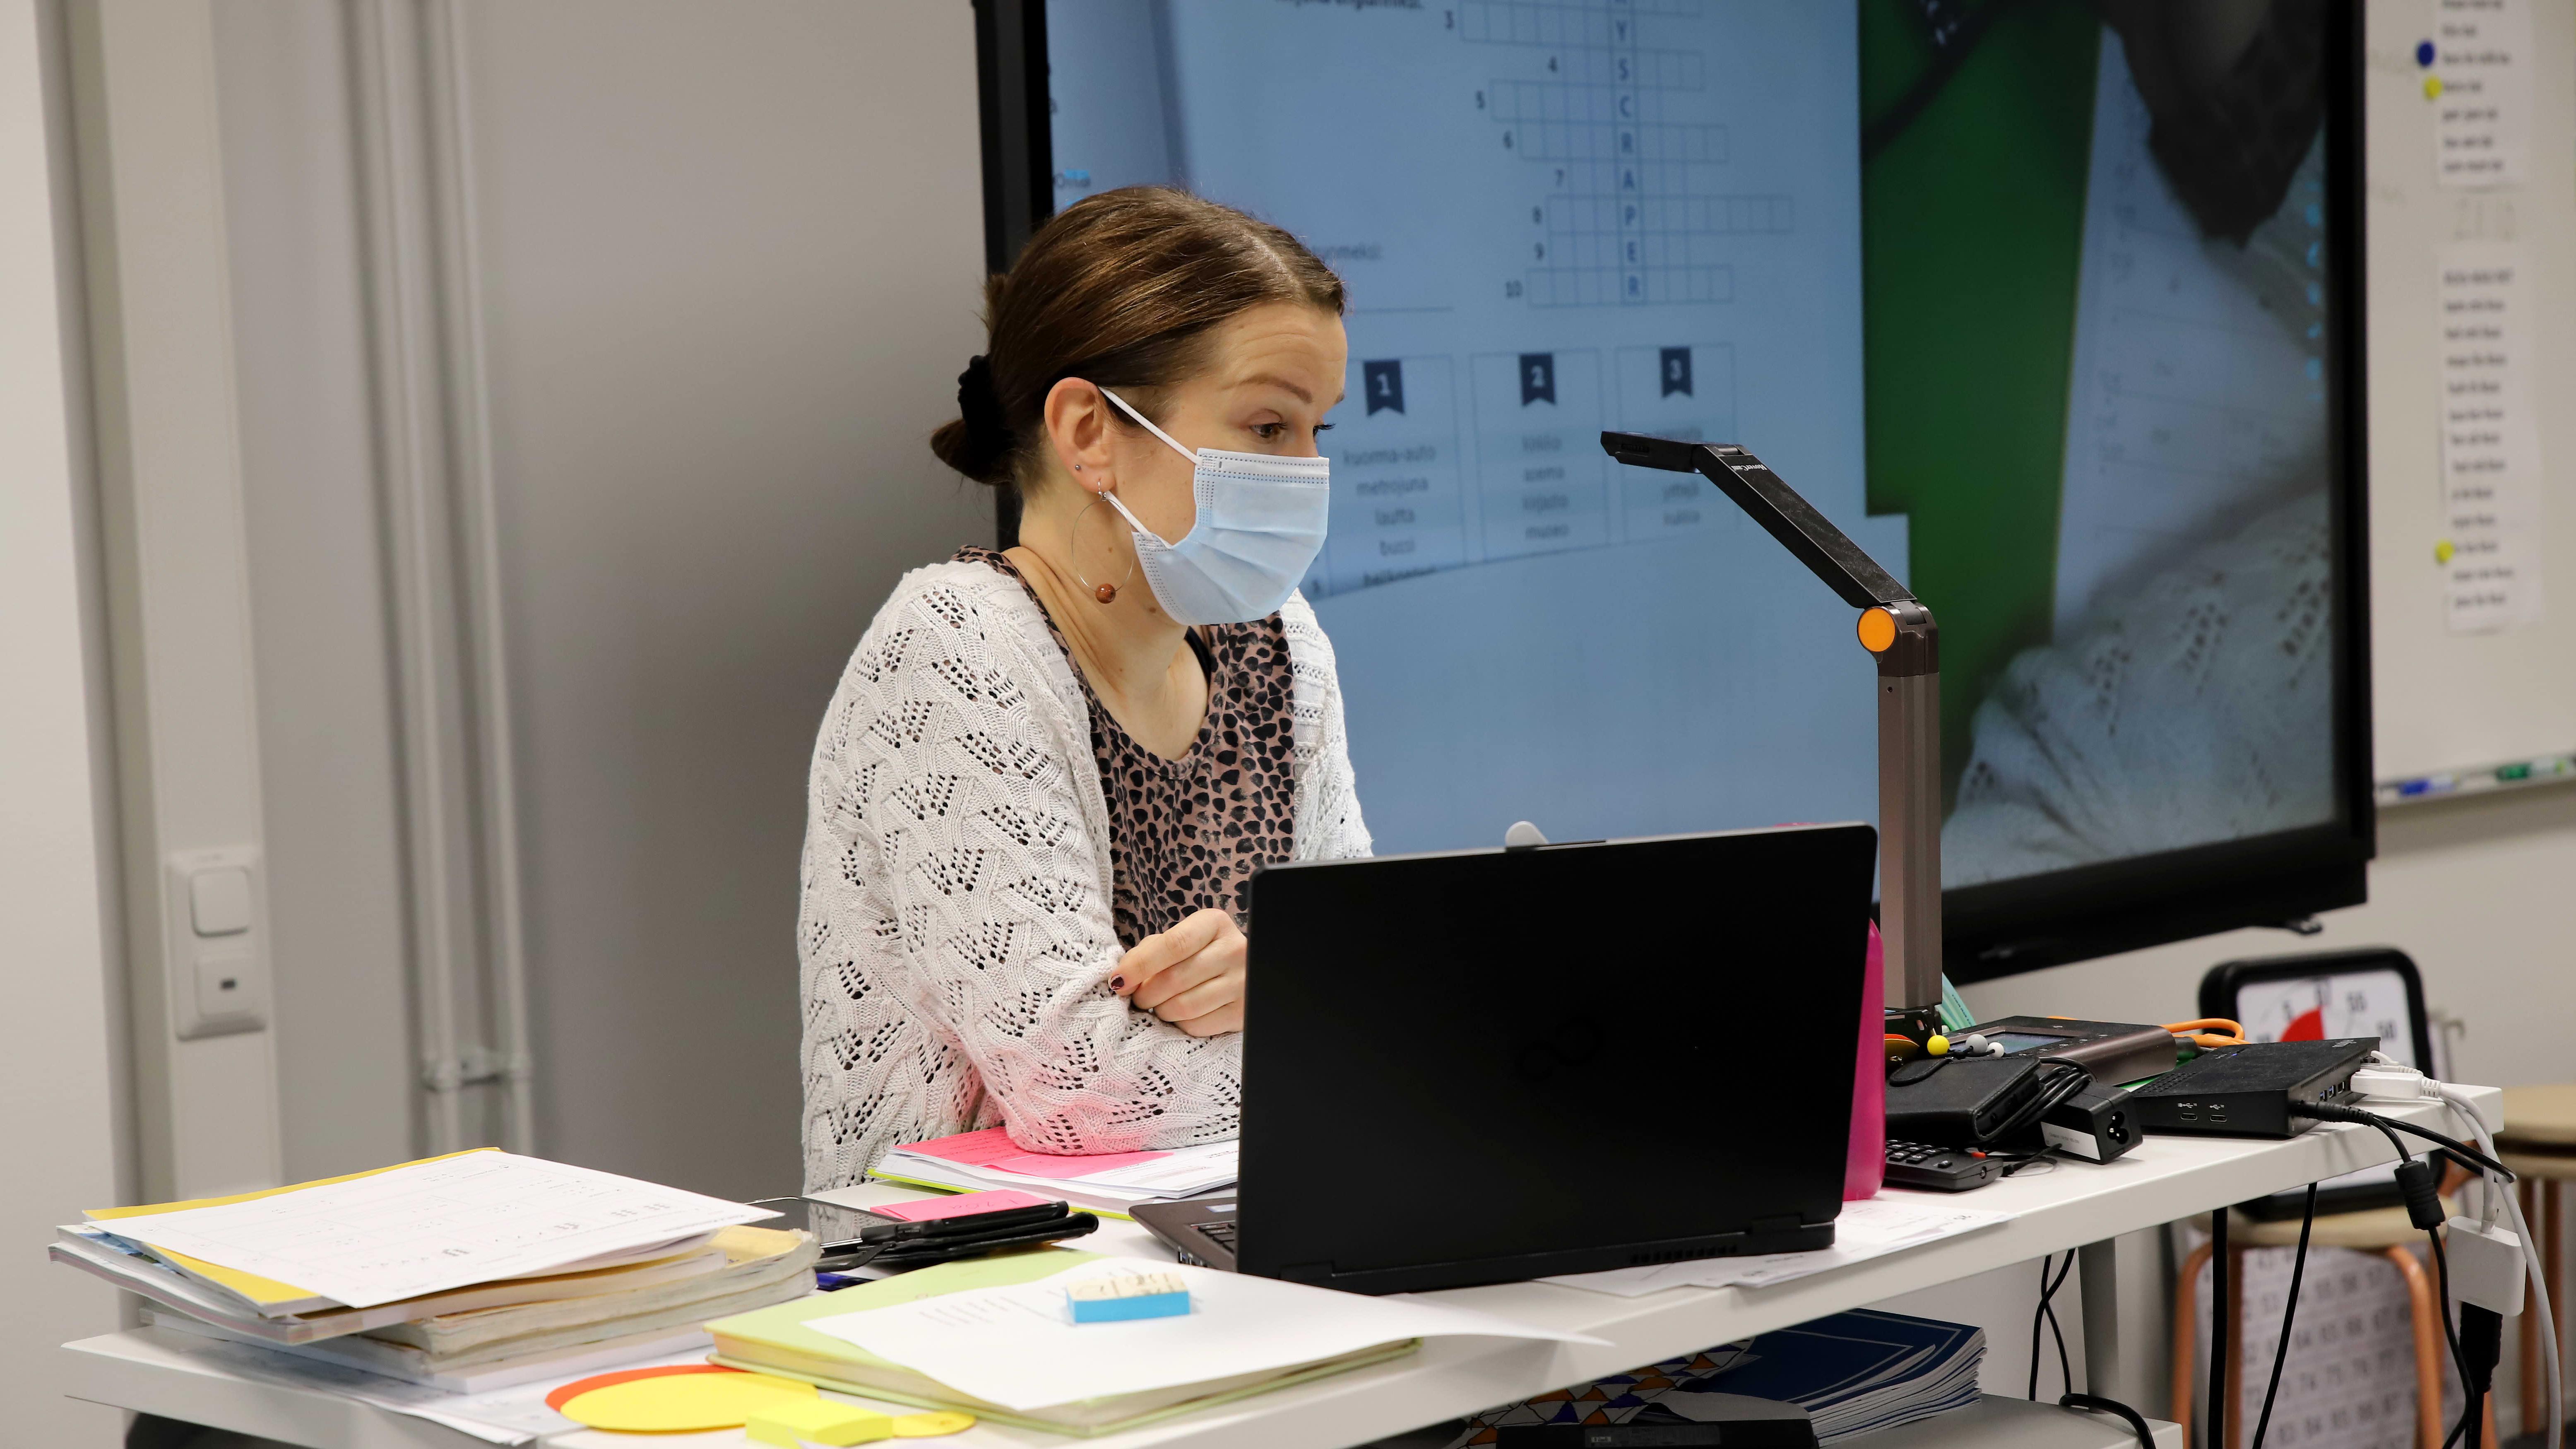 Erityisluokanopettaja Mari Puustinen opettaa oppilaita samanaikaisesti sekä etänä että luokassa. Kasvomaski kasvoilla, osa oppilaista on karanteenissa, oppilaita ei näy kuvassa.